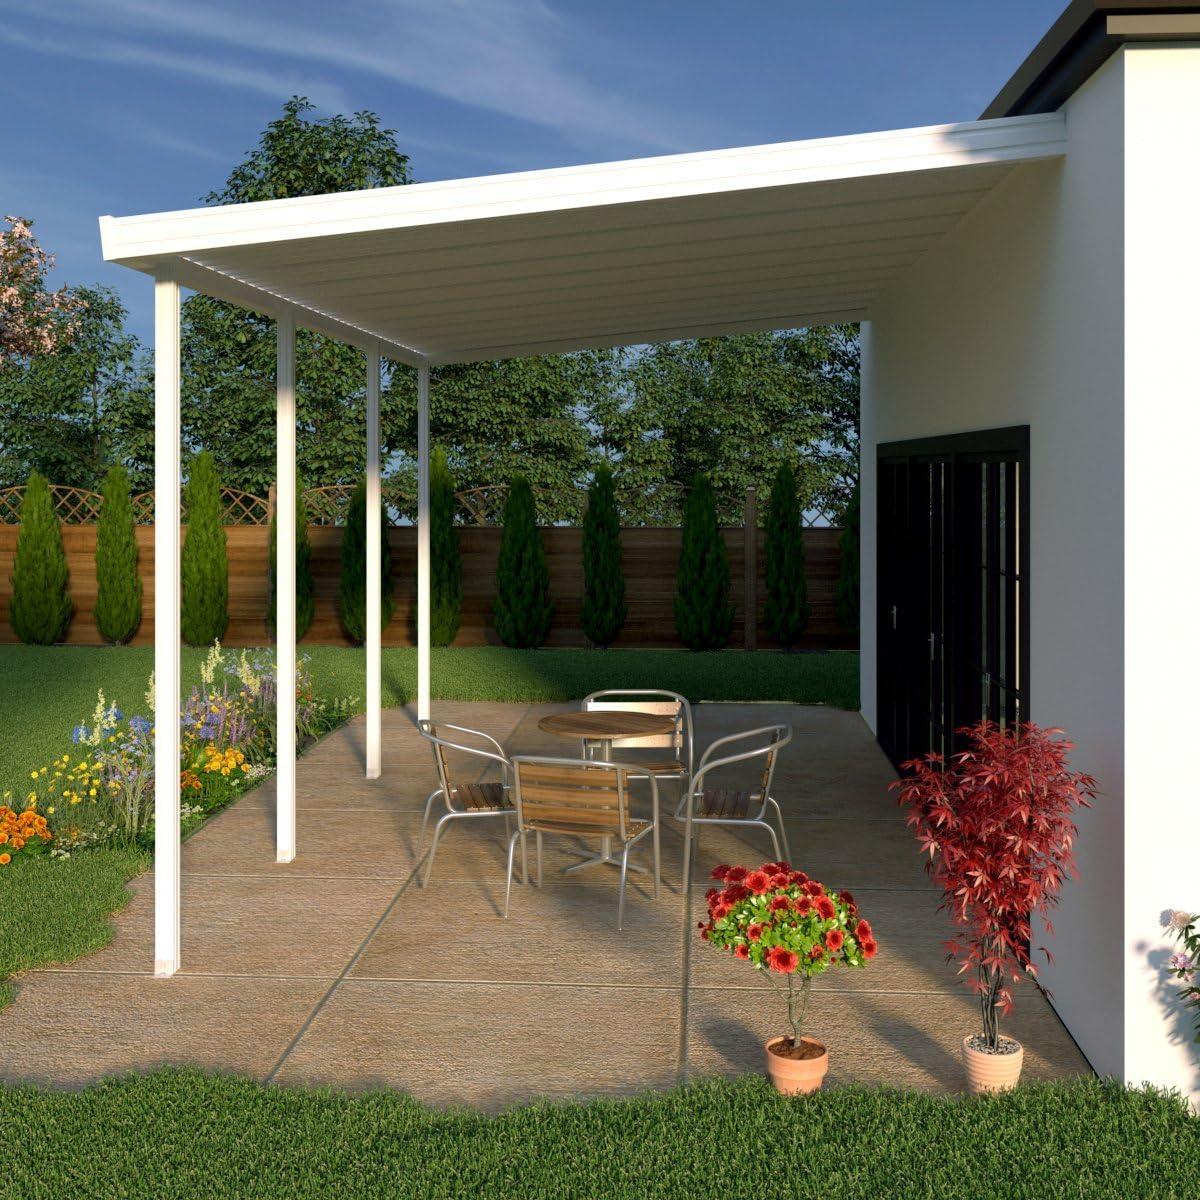 Heritage Patios - Cubierta de Aluminio para Patio (4 Postes / 20 Libras de Carga en el Techo): Amazon.es: Jardín